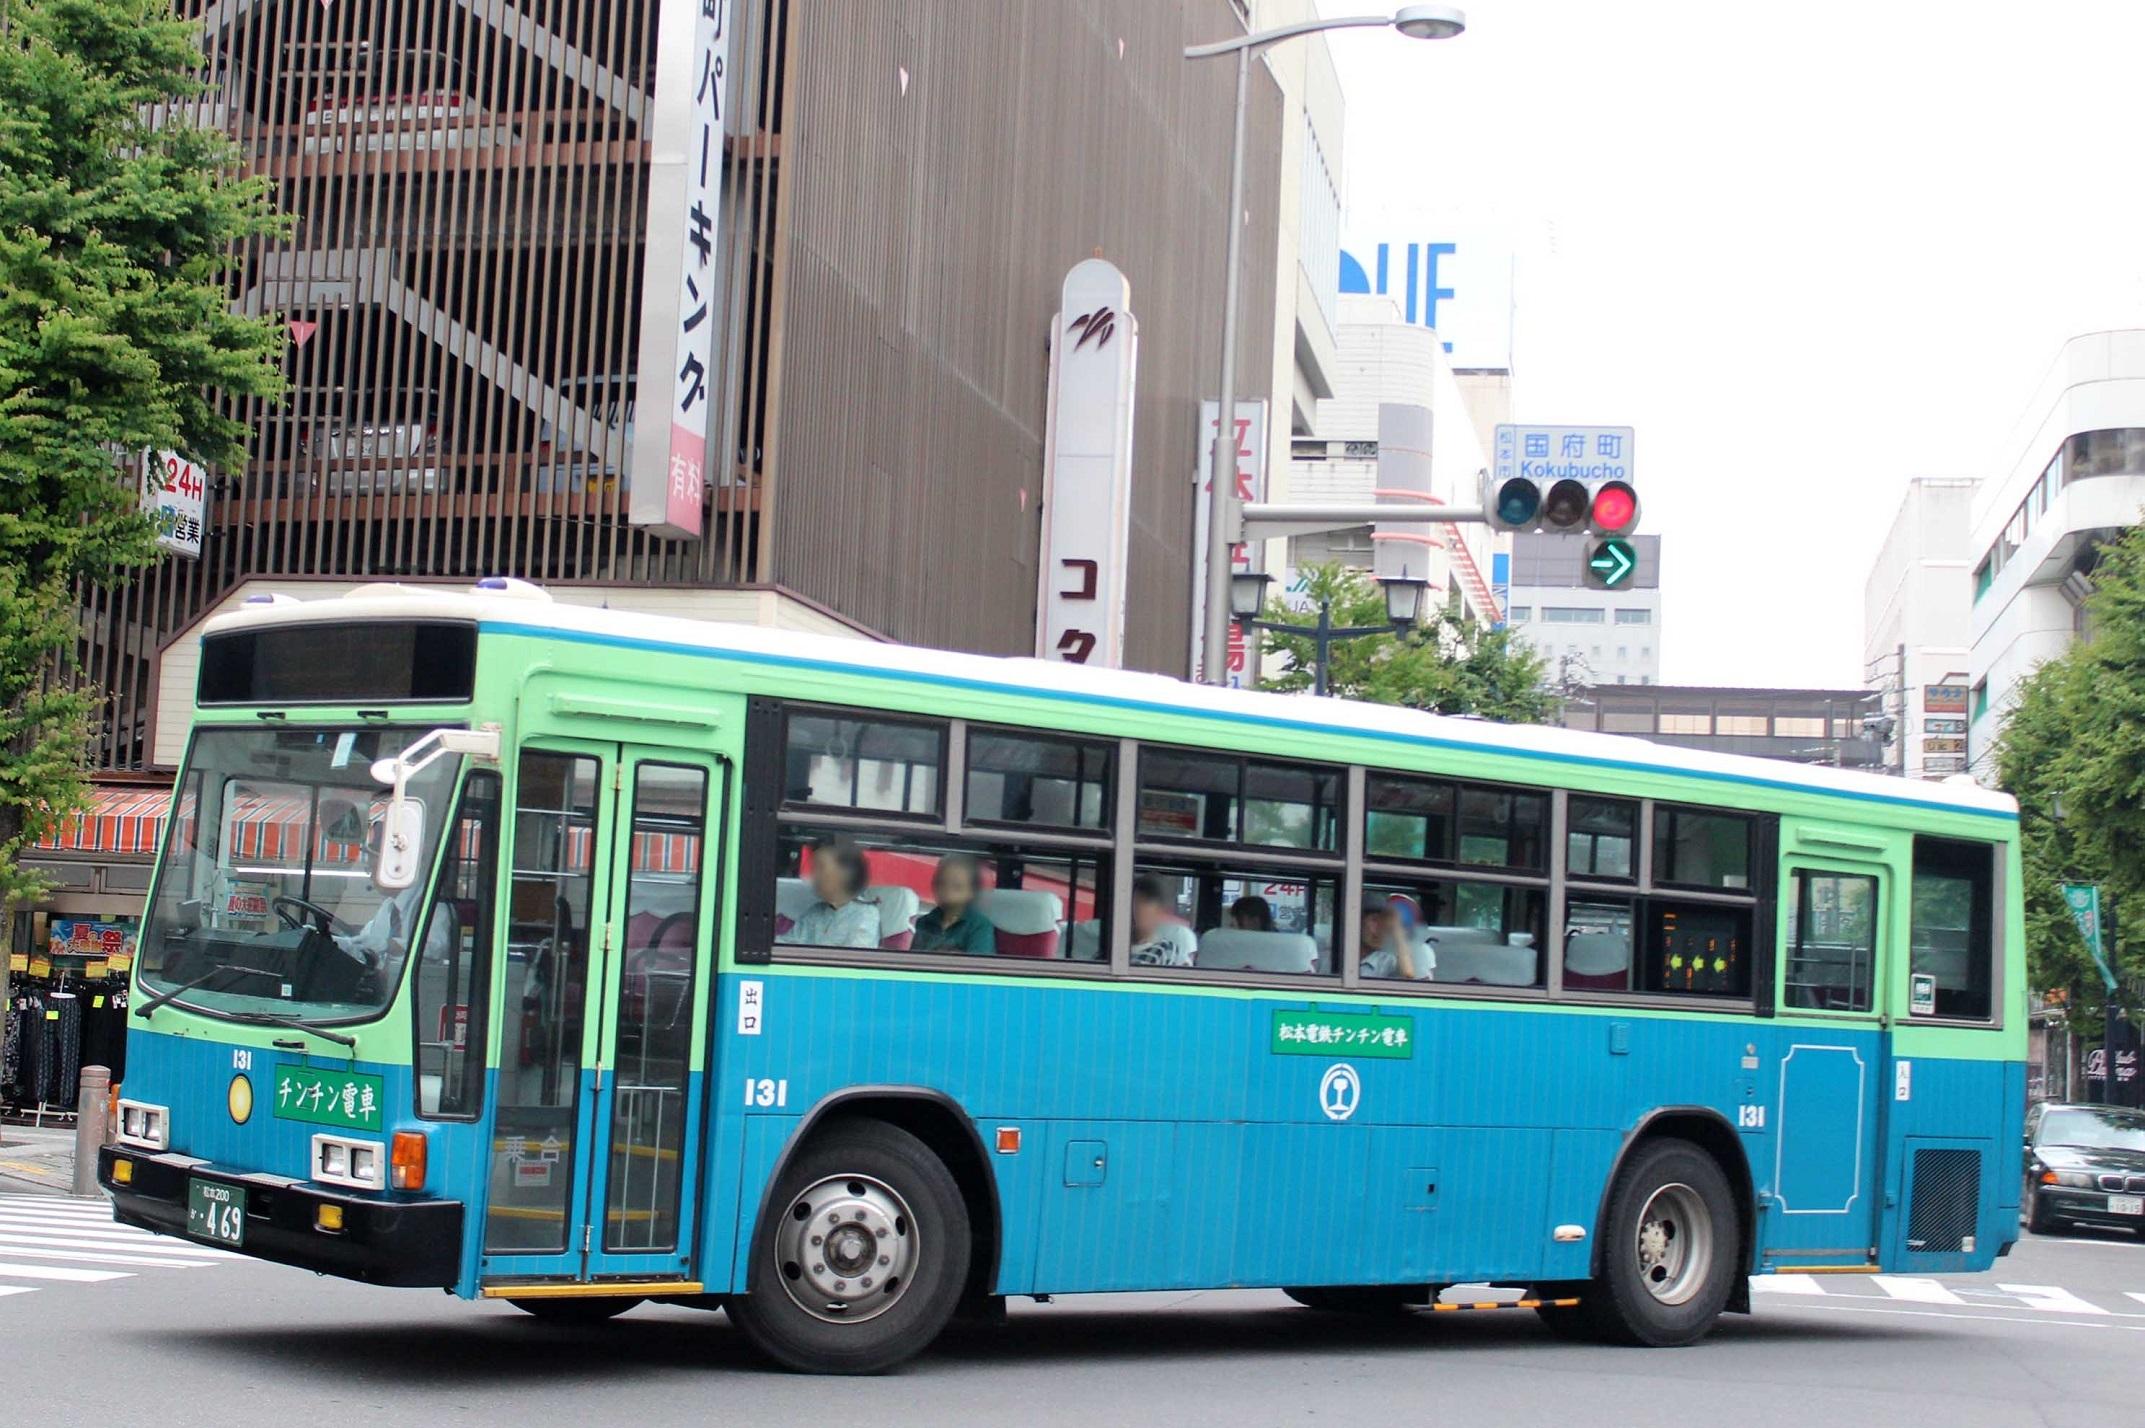 アルピコ交通 10131